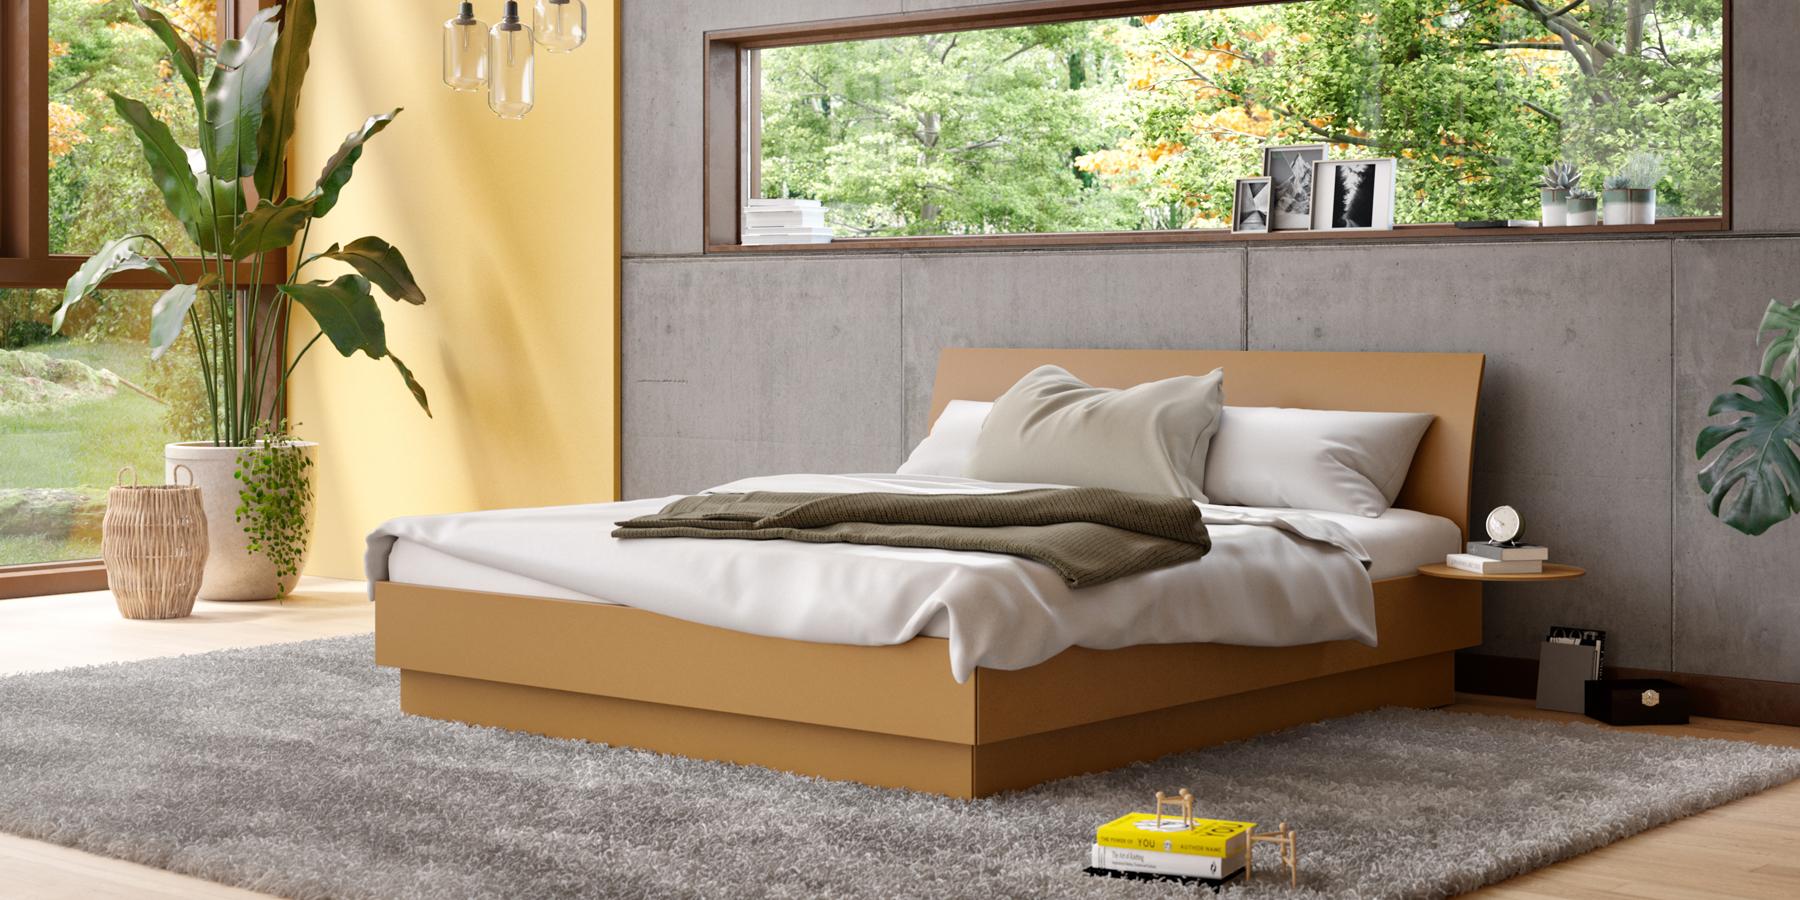 Full Size of Bett Ohne Füße Izzy Betten Interlbke Massiv 180x200 Graues 120 Cm Breit Coole Kopfteil Für Mit Bettkasten Balken 1 40 Sofa Bettfunktion Modern Design Barock Bett Bett Ohne Füße